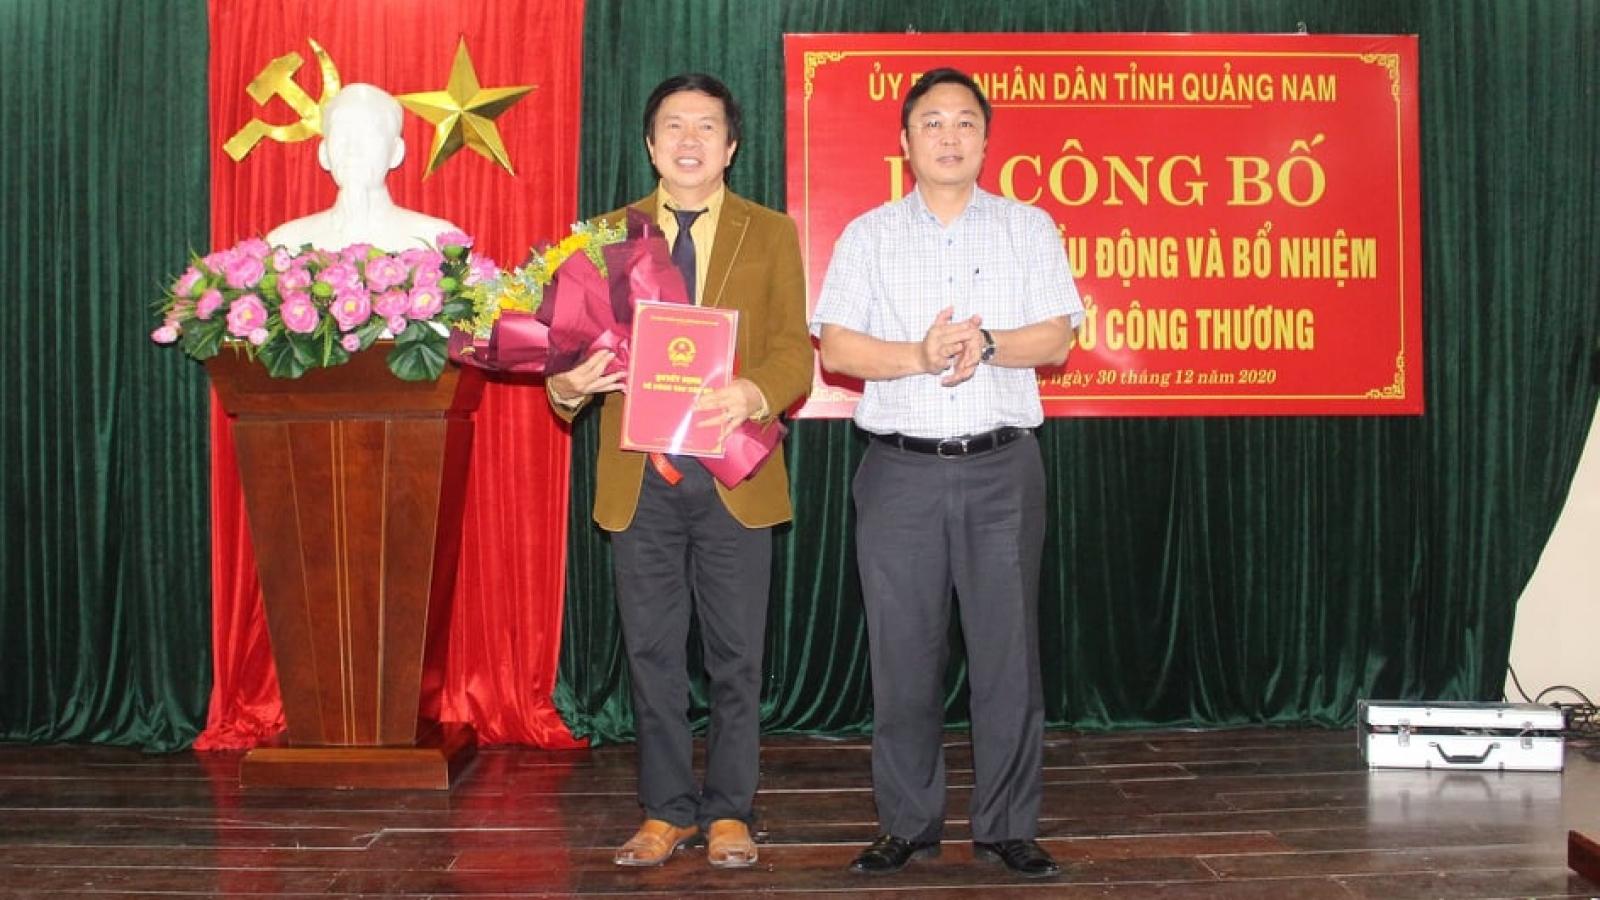 Ông Đặng Bá Dự giữ chức Giám đốc sở Công Thương tỉnh Quảng Nam